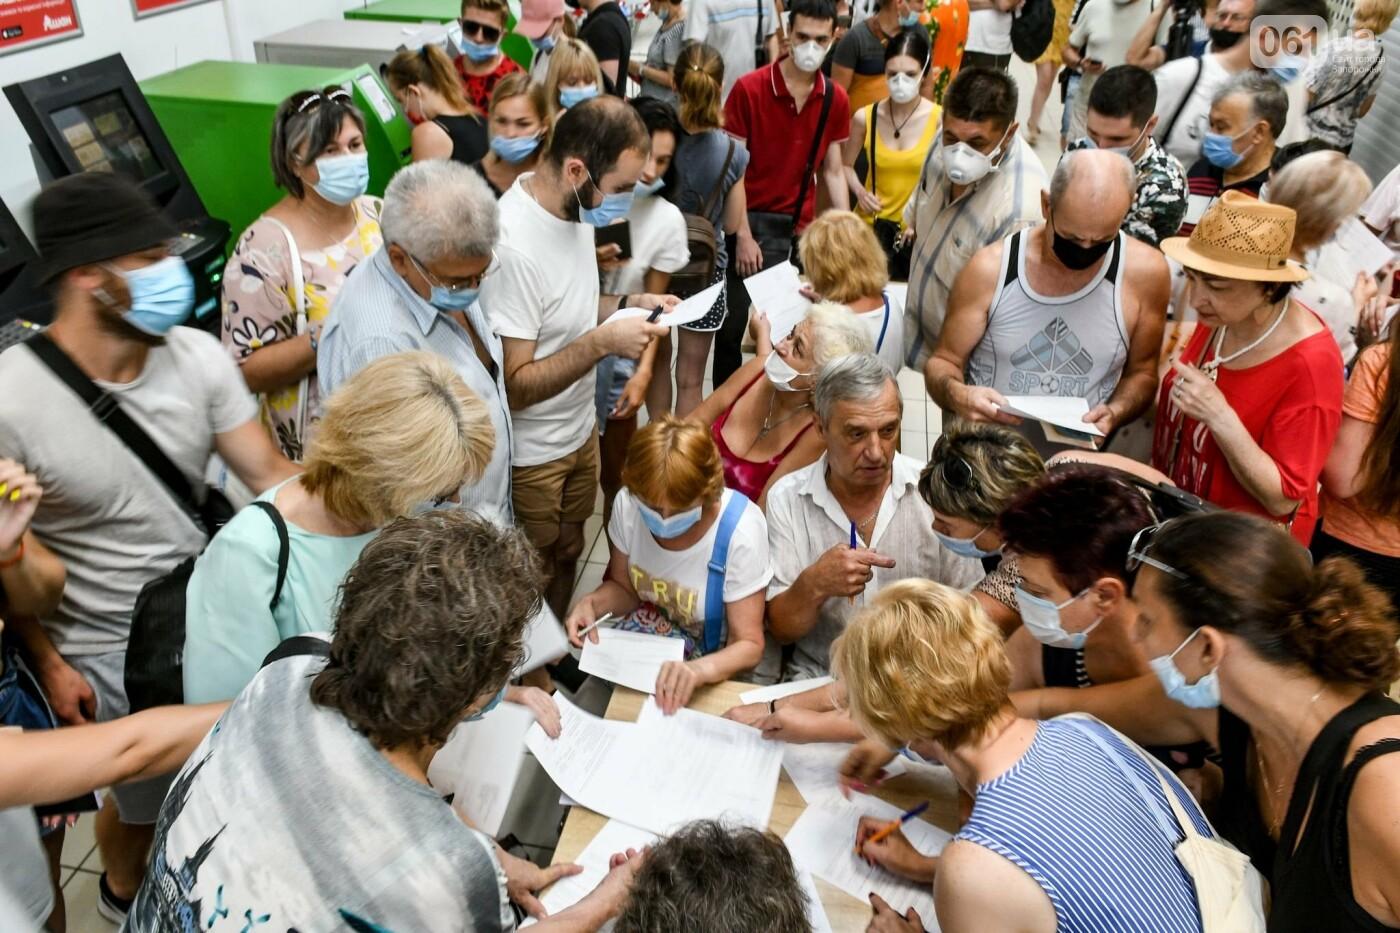 """В Запорожье в """"CITY MALL"""" открылся центр вакцинации: прививают Pfizer, сотни людей стоят в очереди, - ФОТОРЕПОРТАЖ , фото-3"""